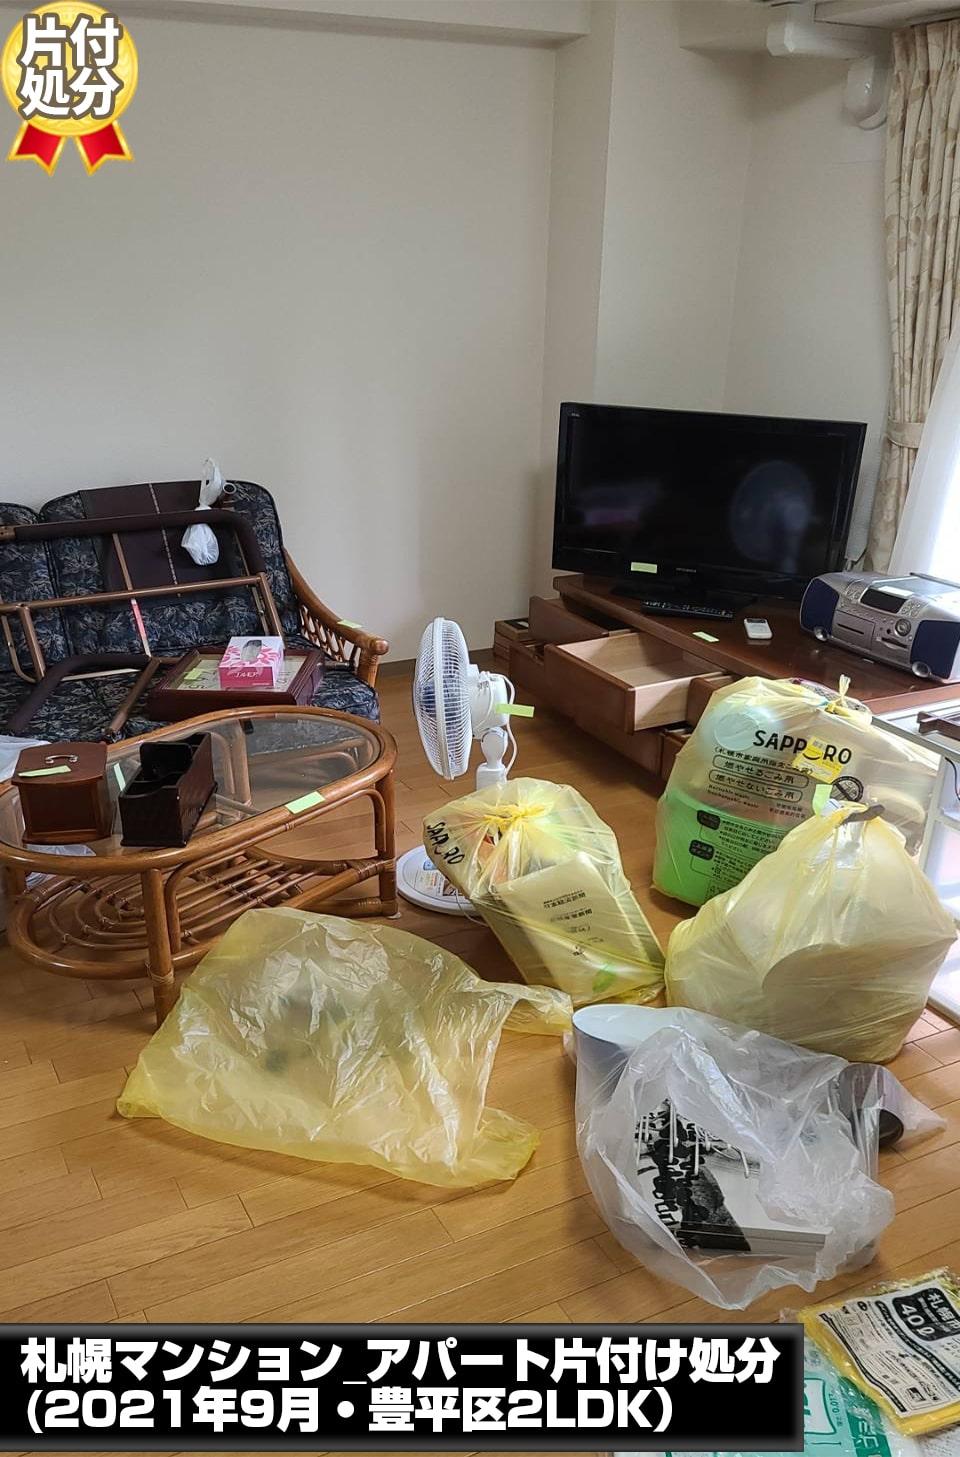 札幌マンションアパート片付け処分(豊平区2LDK・2021年9月)